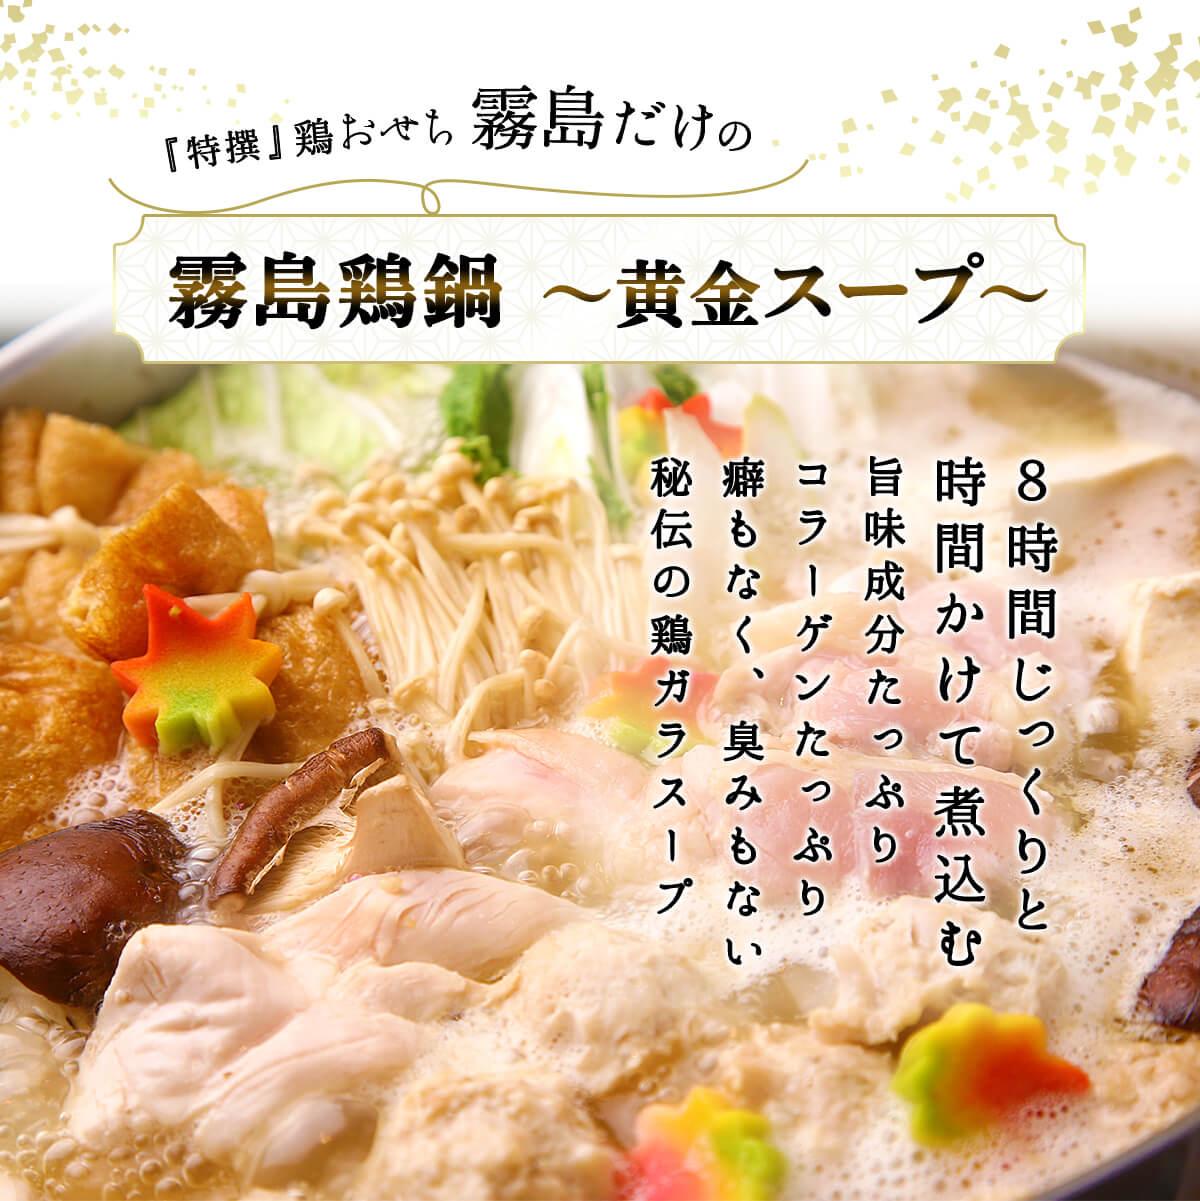 『特撰』鶏おせち霧島だけの霧島鶏鍋〜黄金スープ〜